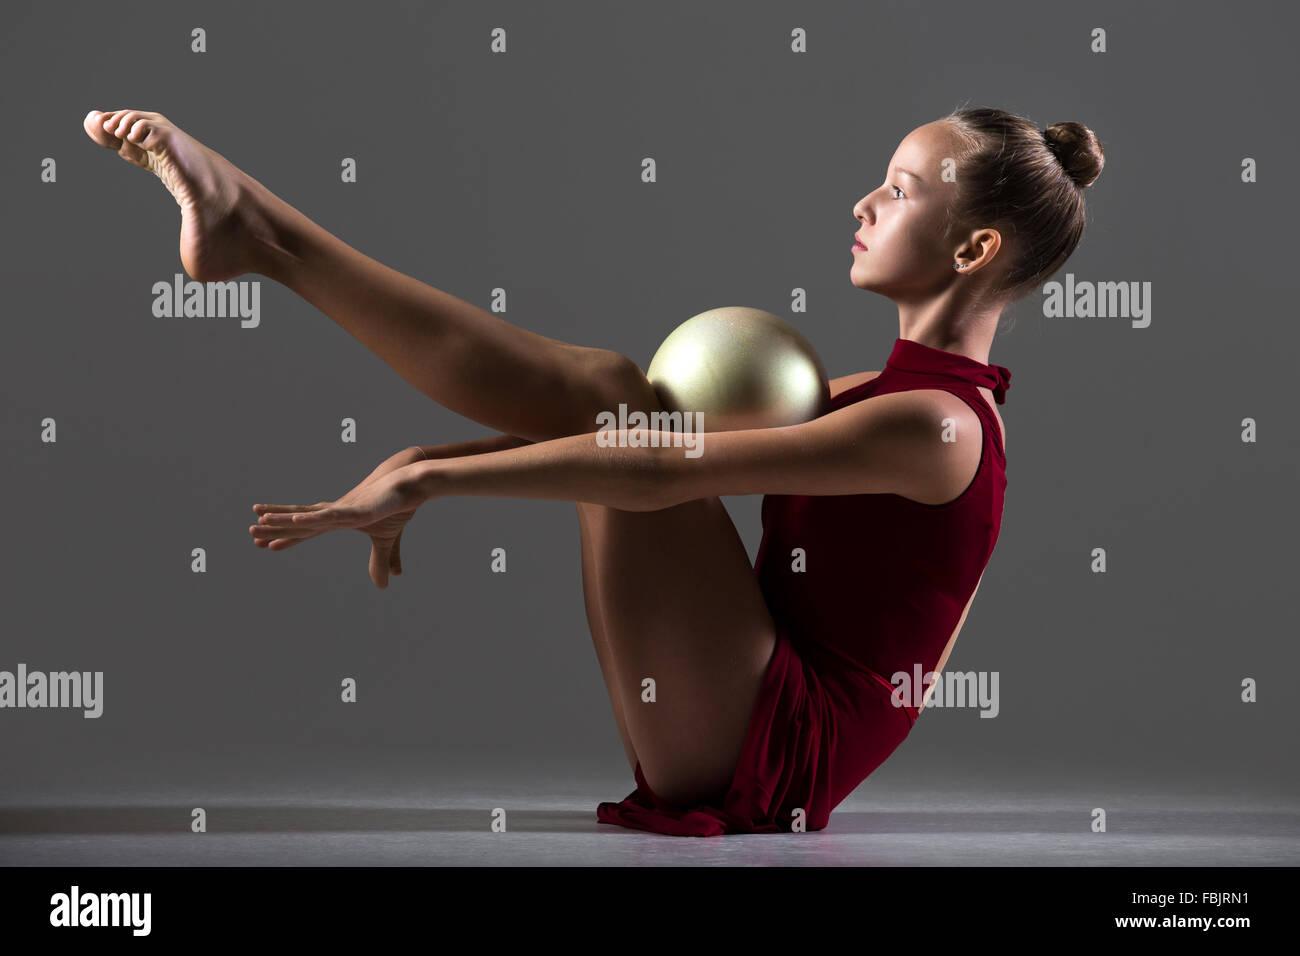 Schöne Coole Junge Fit Turnerin Athlet Frau Sportswear Roten Kleid